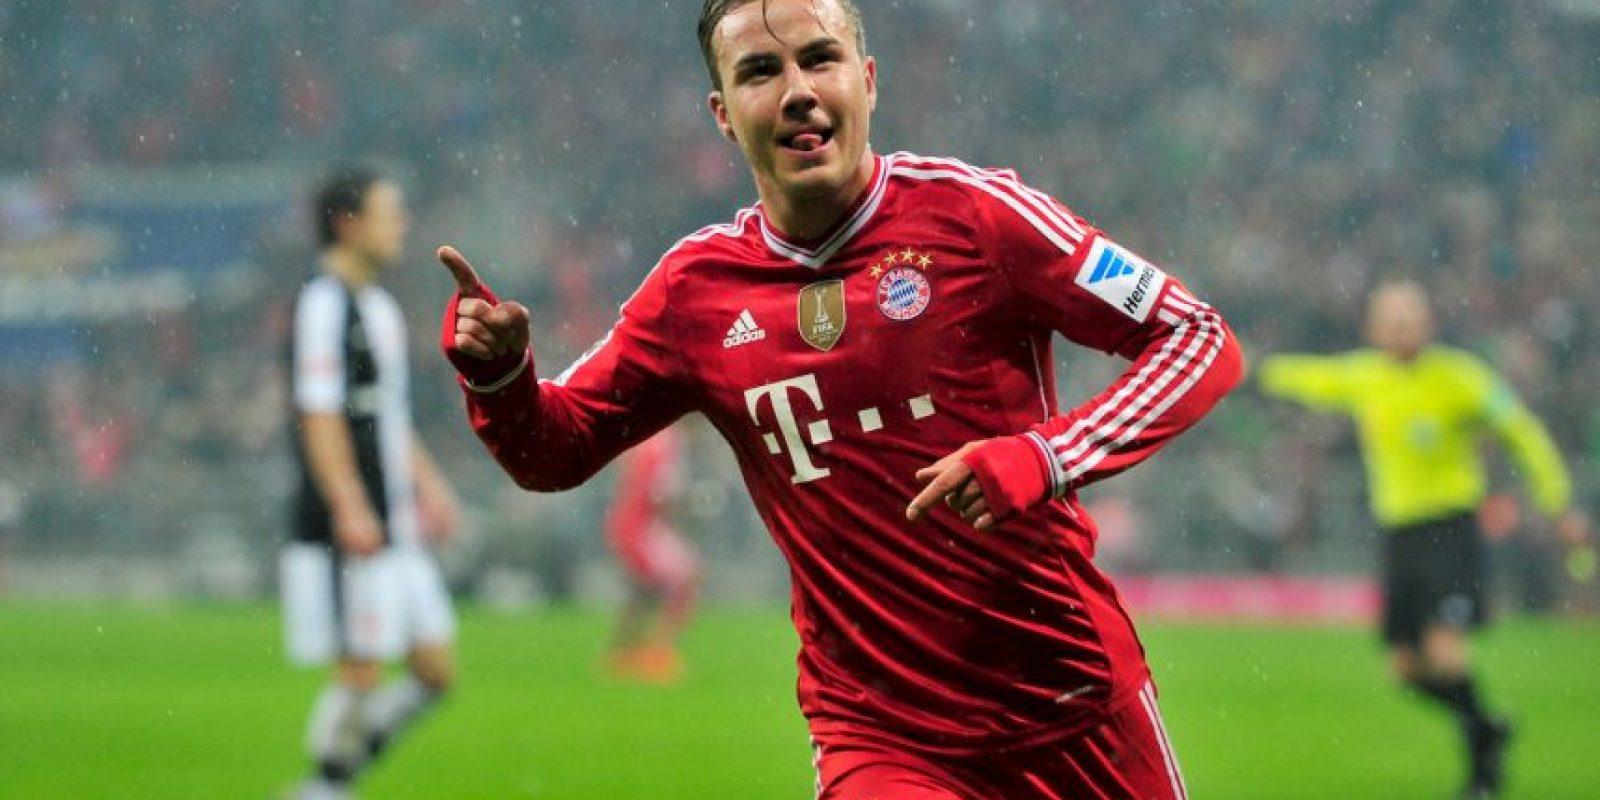 Sus jugadores más valiosos con Mario Götze y Marco Reus (50 millones de euros). Foto:Getty Images